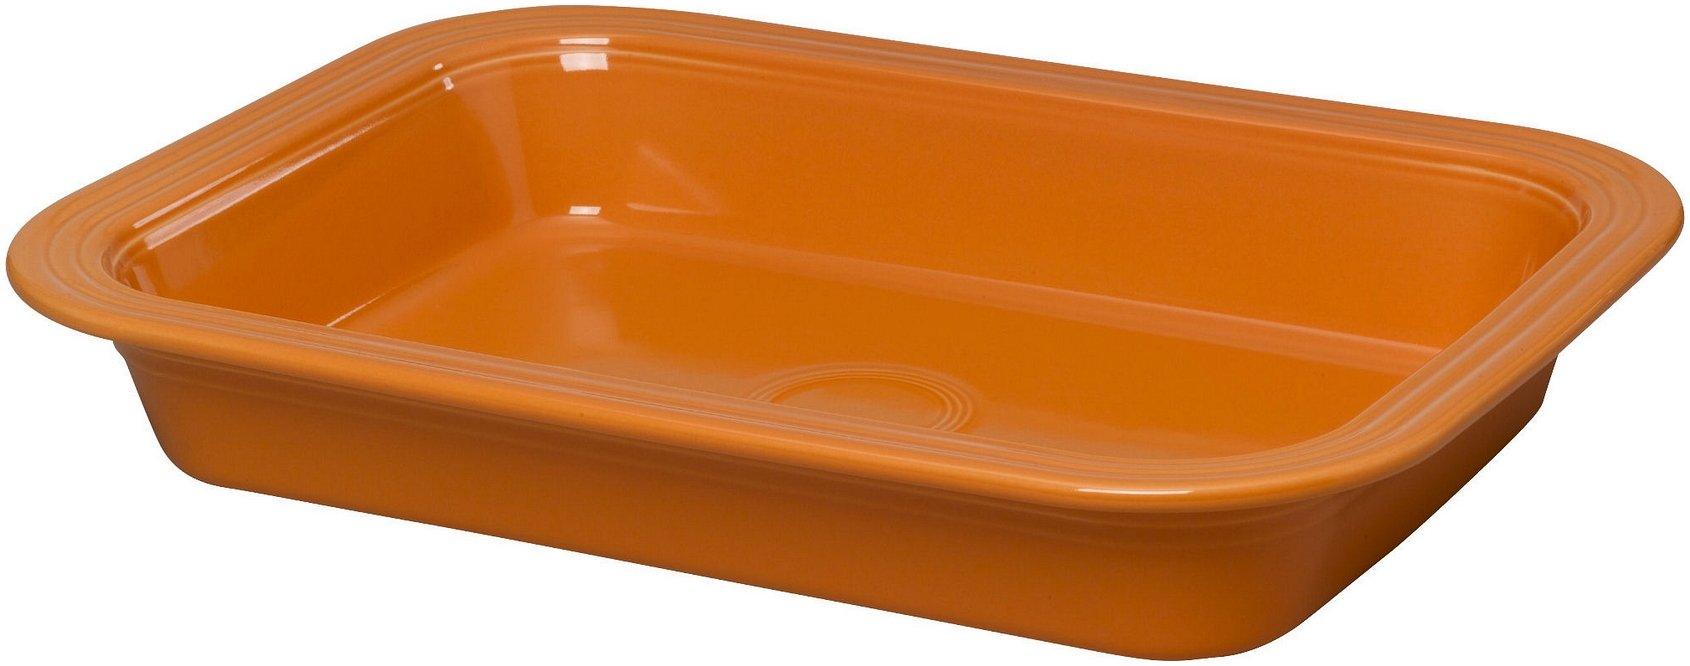 Fiestaware 9'' x 13'' Lasagna Pan (Tangerine Orange)